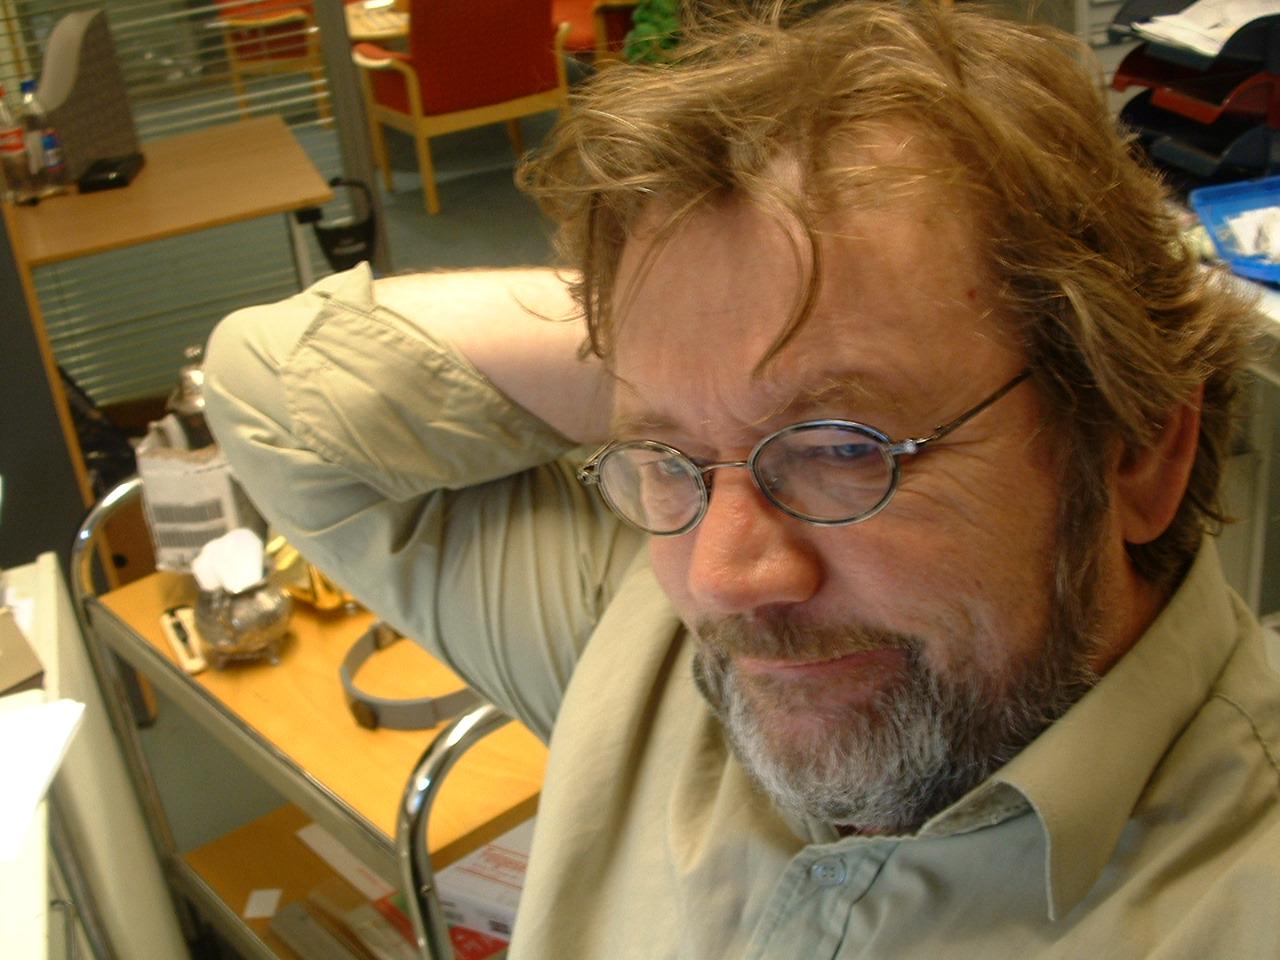 Bildet er av gullsmedsjefen Jørn, tatt i et av de ytterst få, rolige øyeblikk.